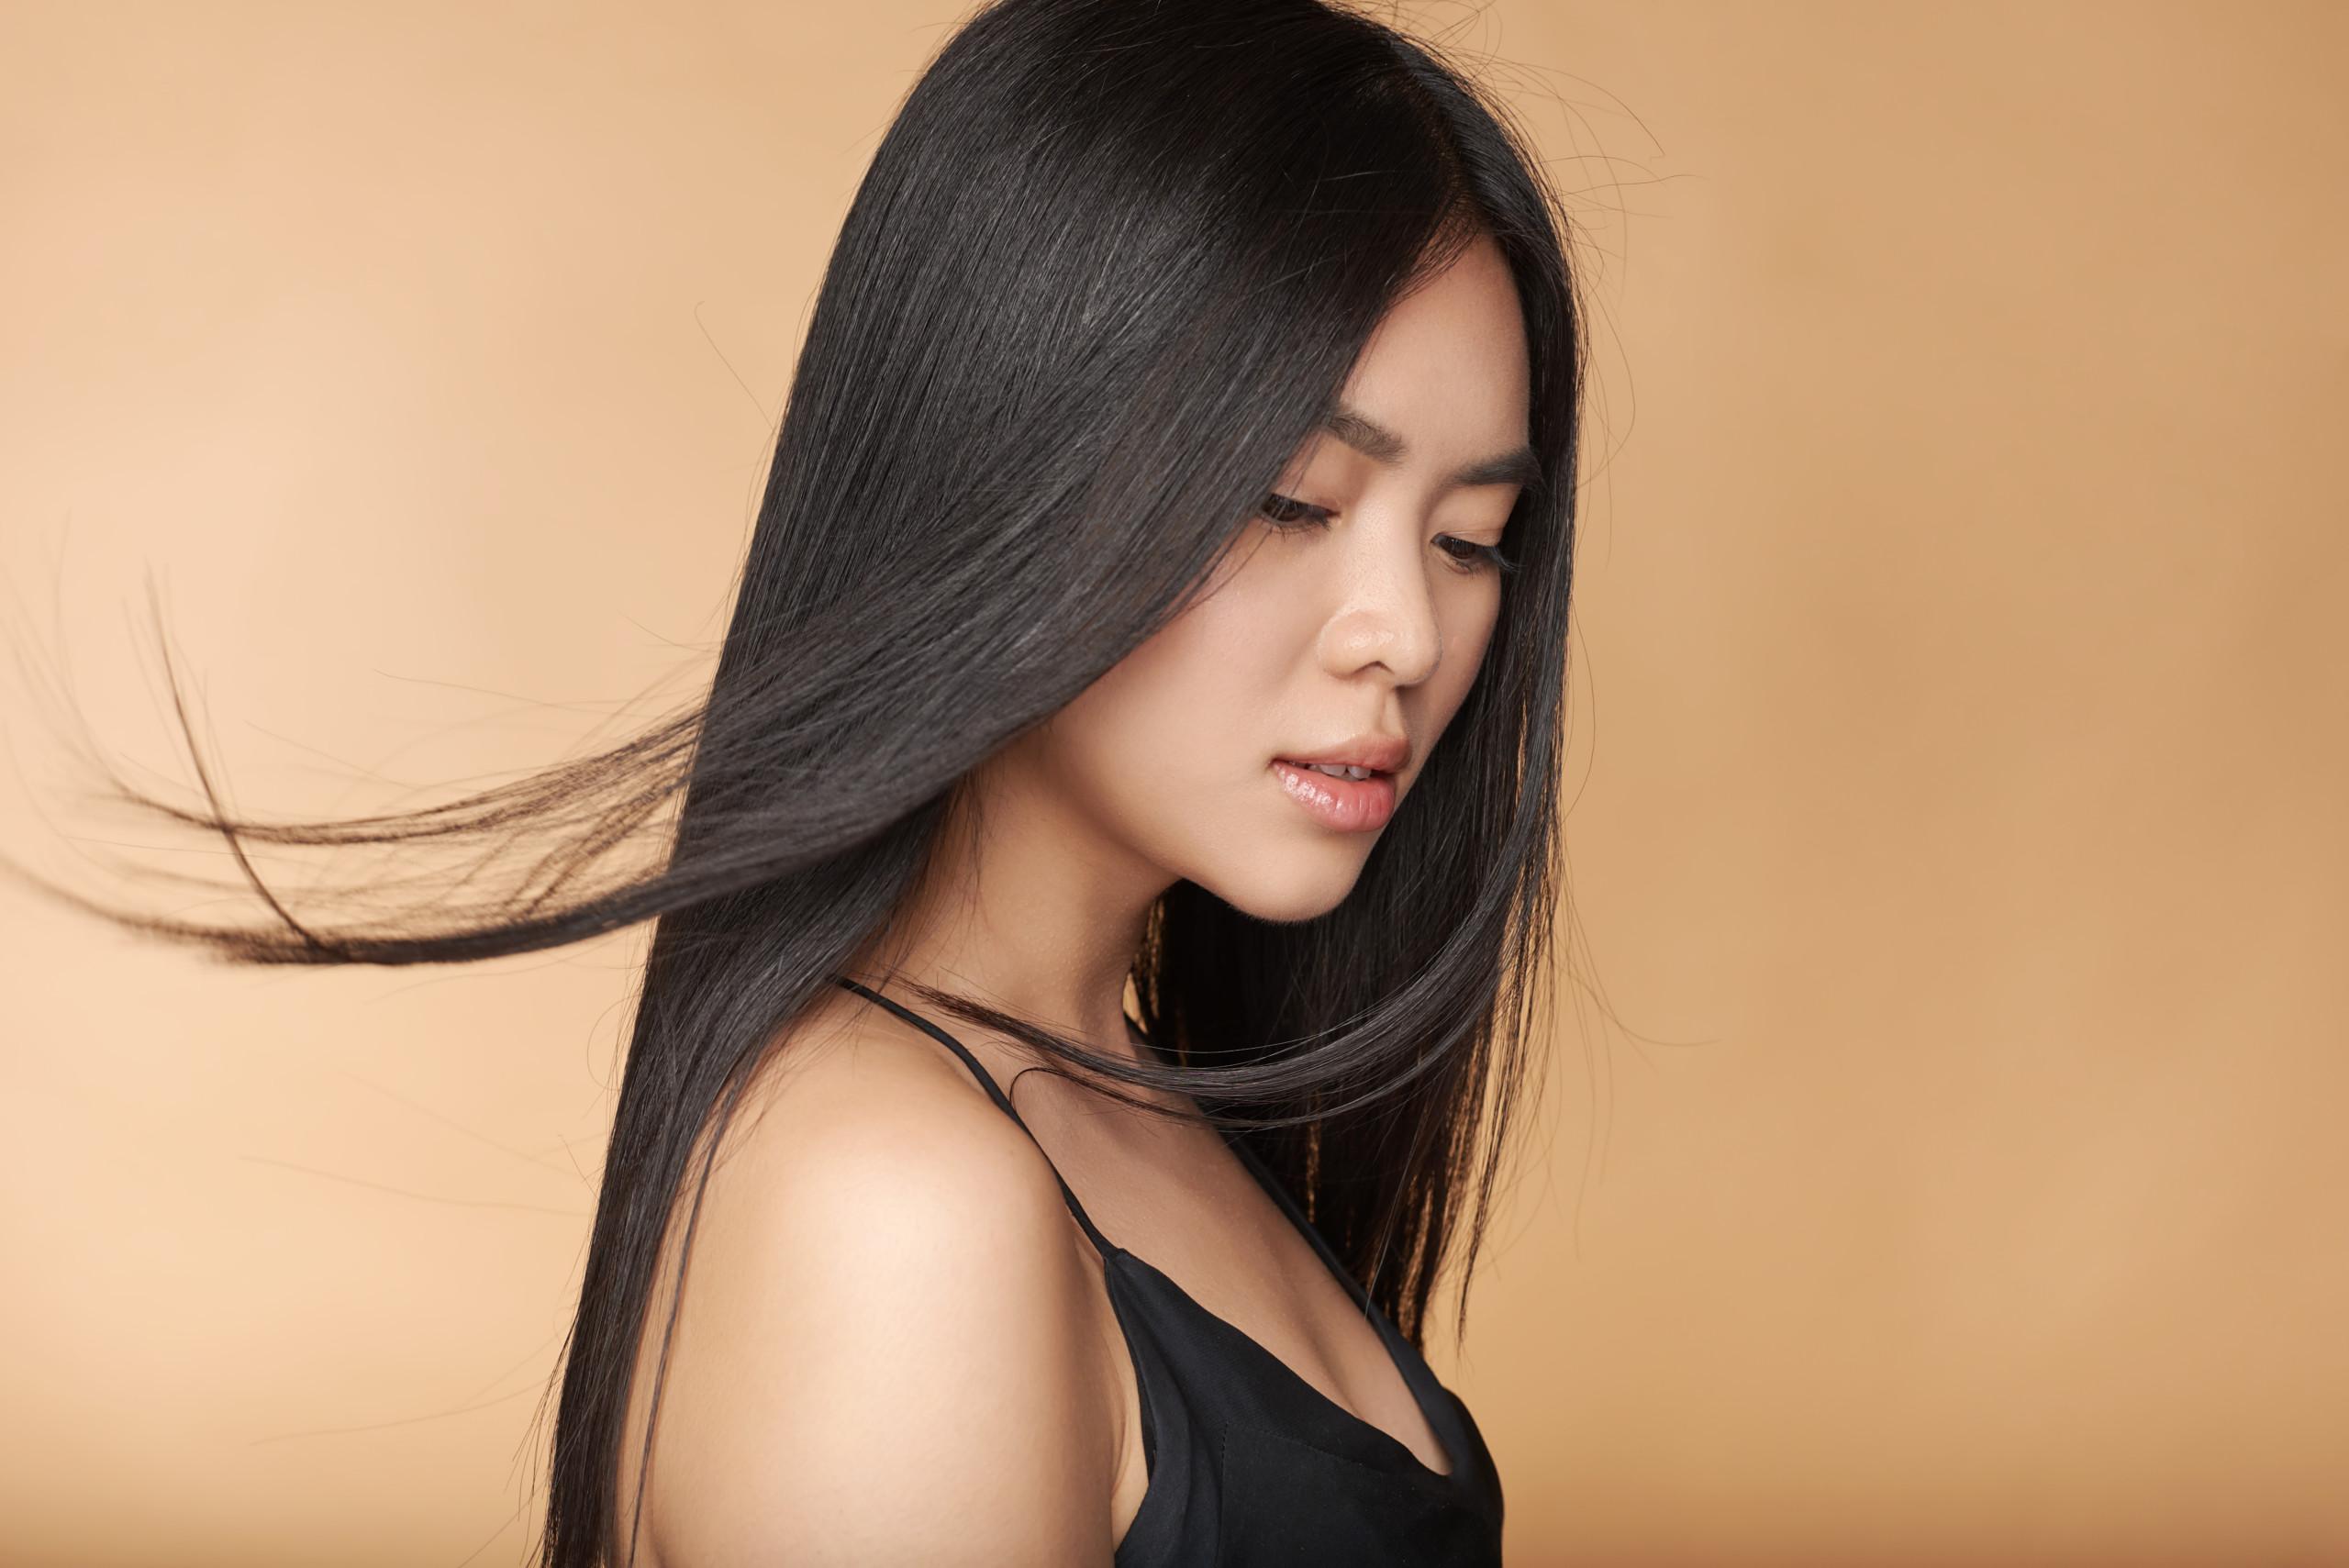 日吉の縮毛矯正で艶髪専門店といえばユメユイ